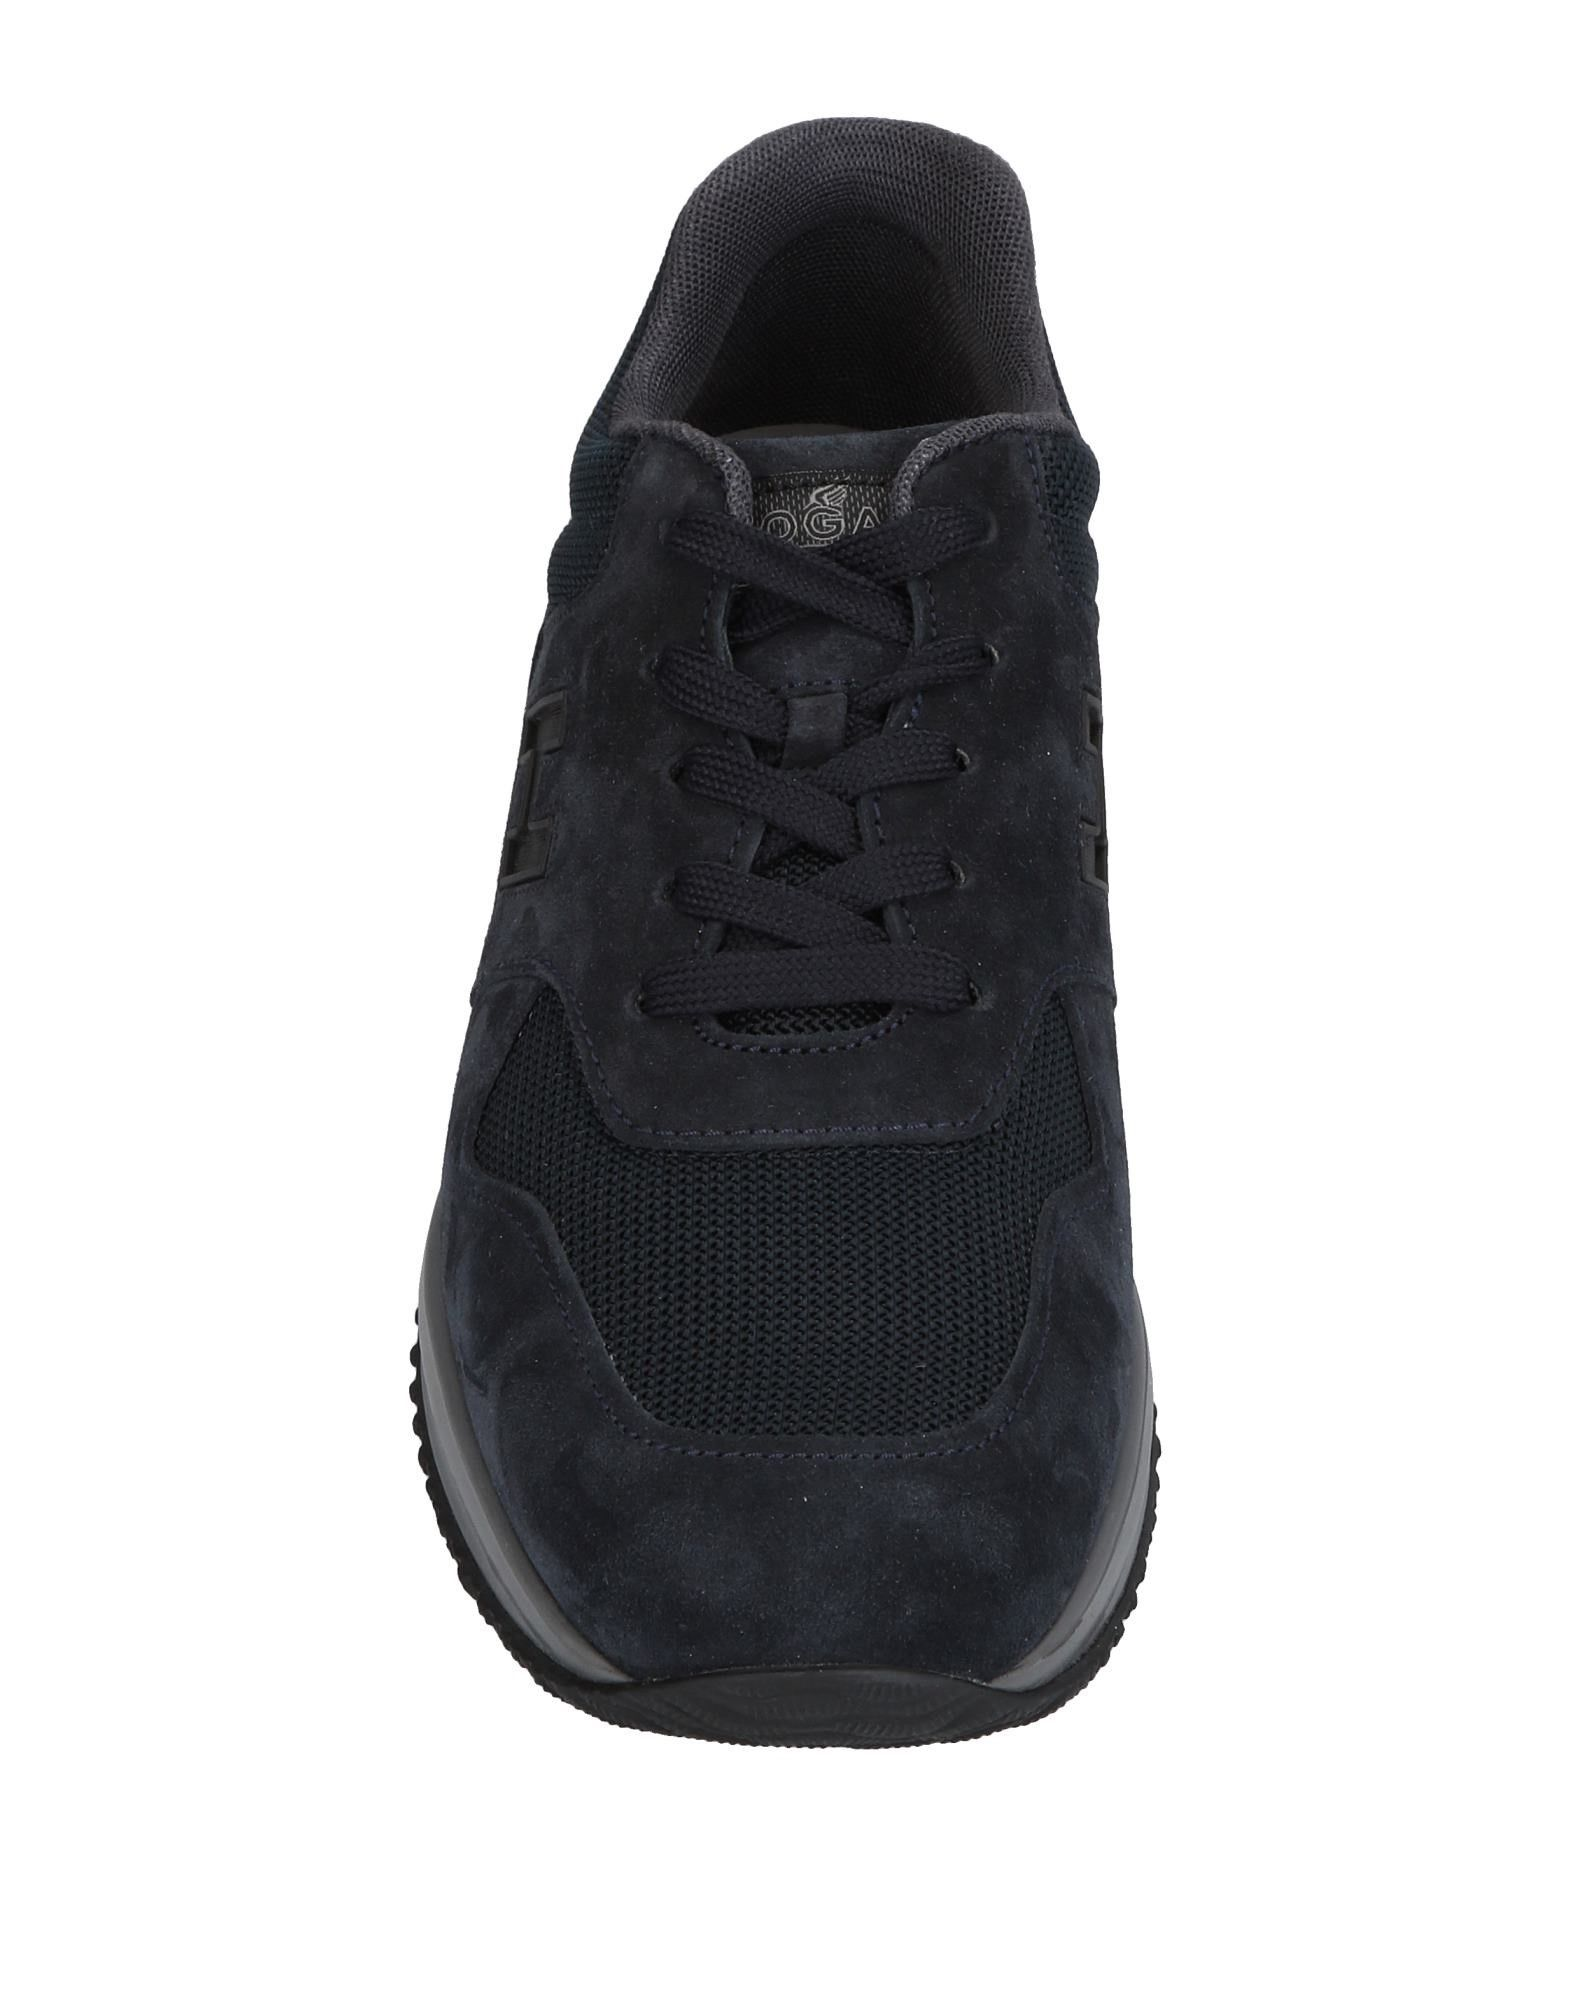 Hogan 11462061DR Sneakers Herren  11462061DR Hogan Gute Qualität beliebte Schuhe f7d86e